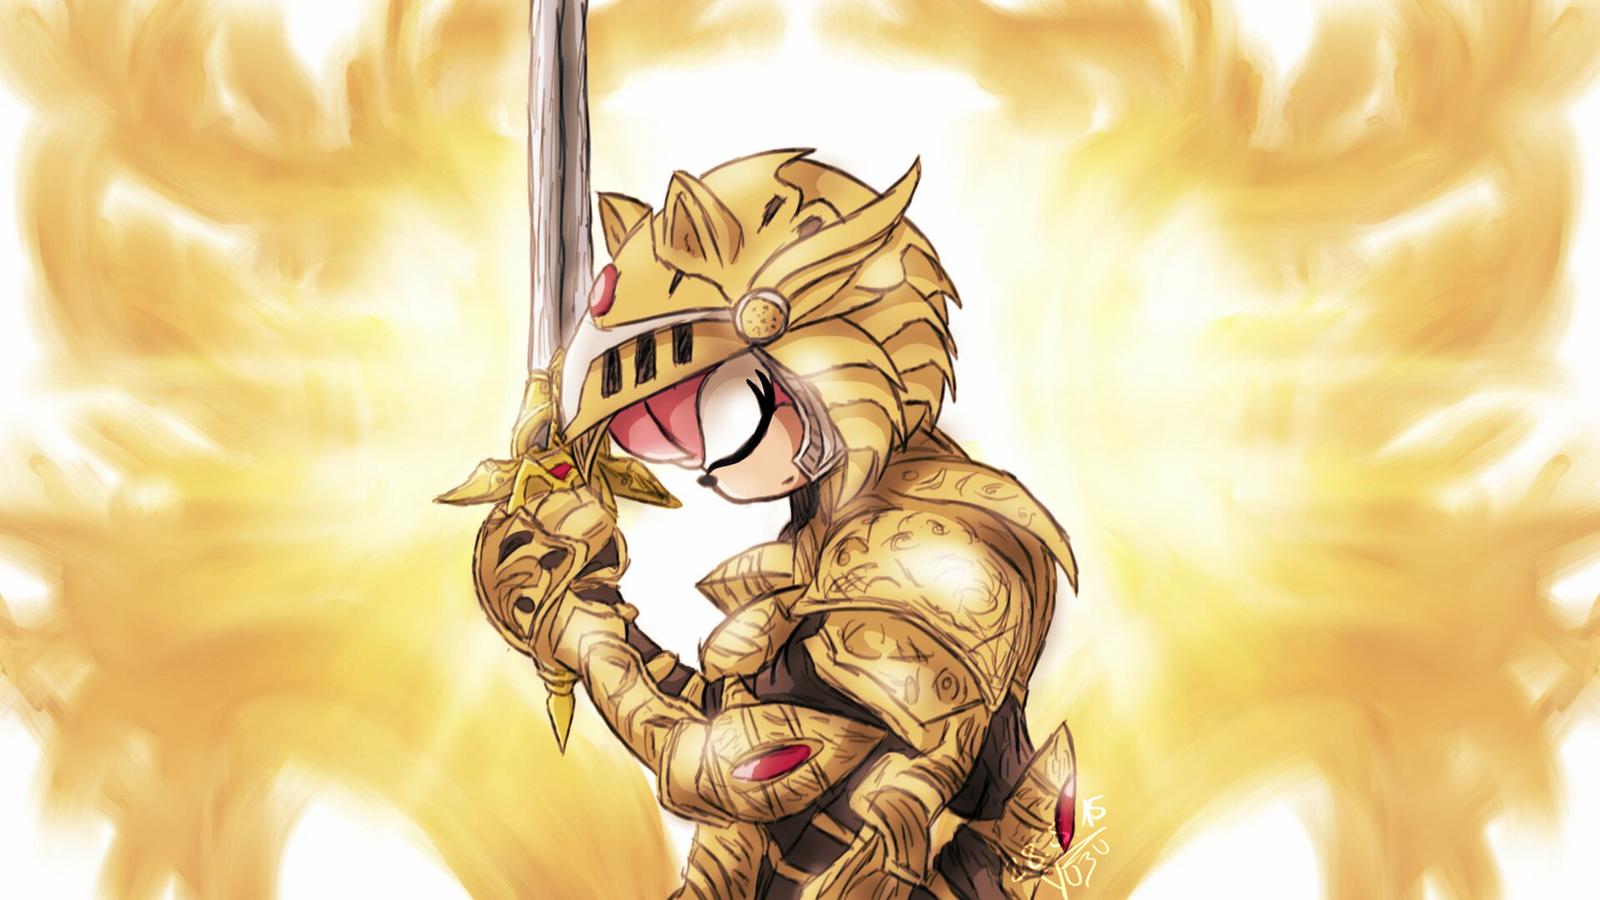 Her Sword by Yuzuyuu